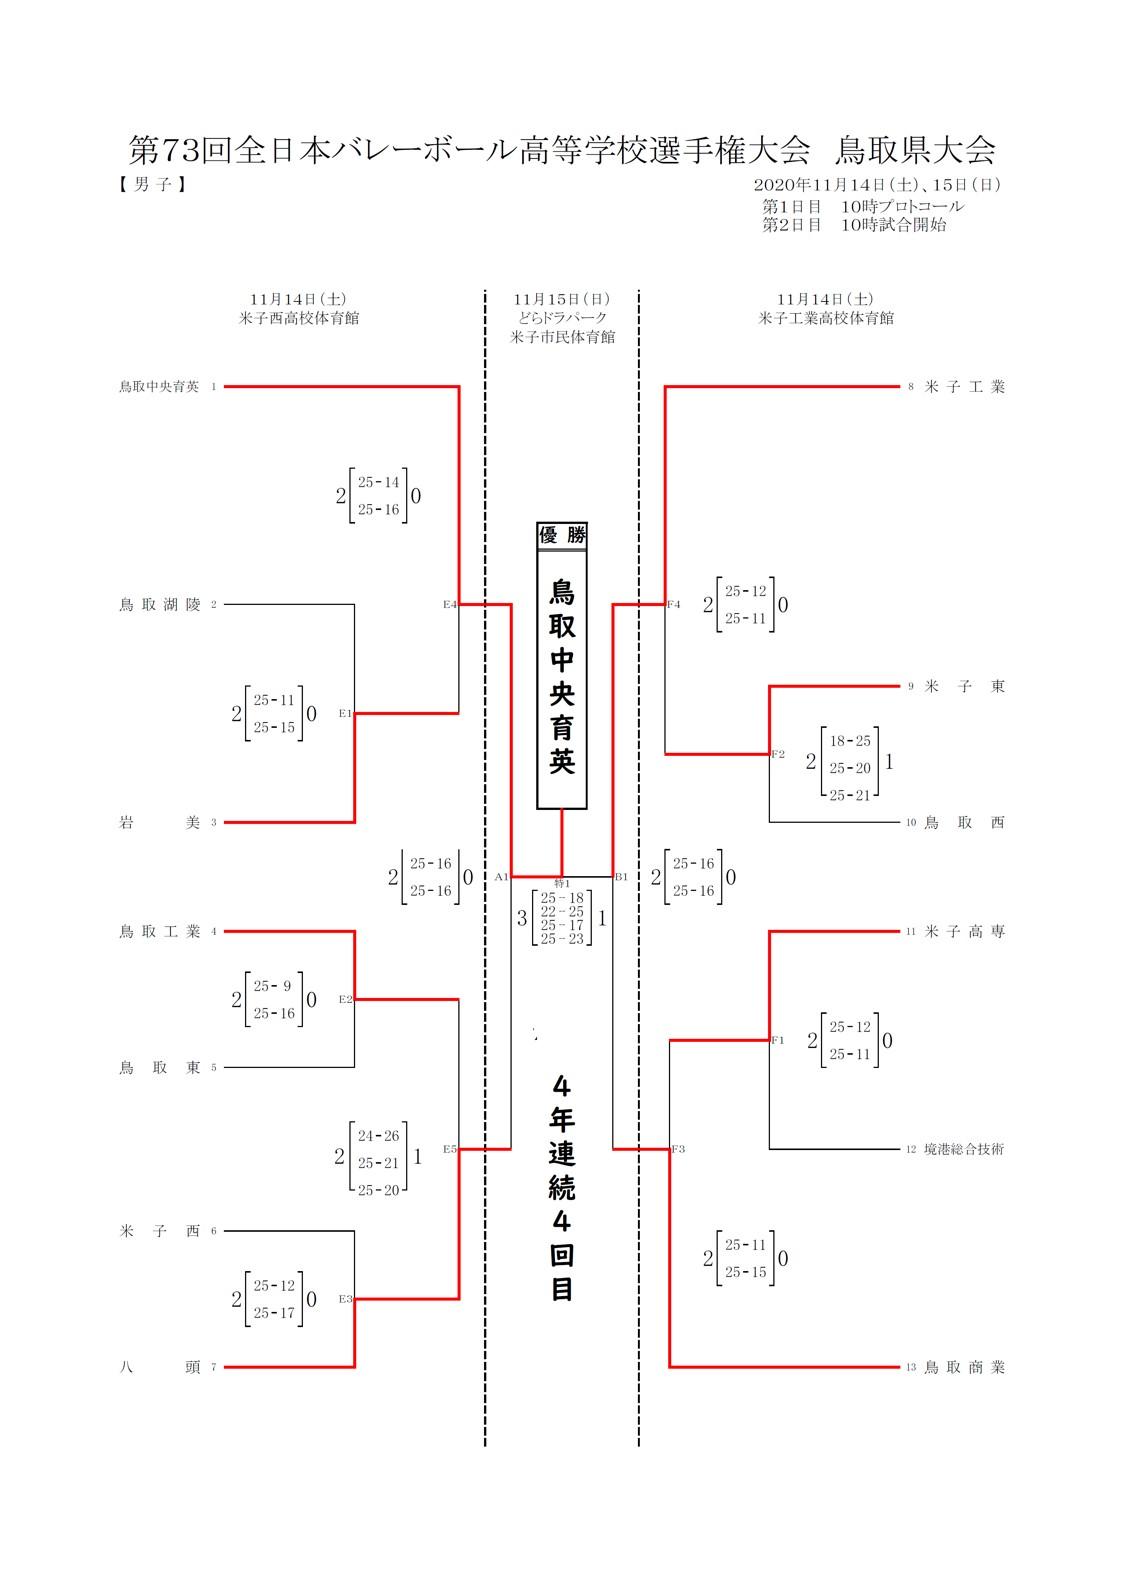 2020年度_全日本高校選手権_鳥取予選_男子_最終結果